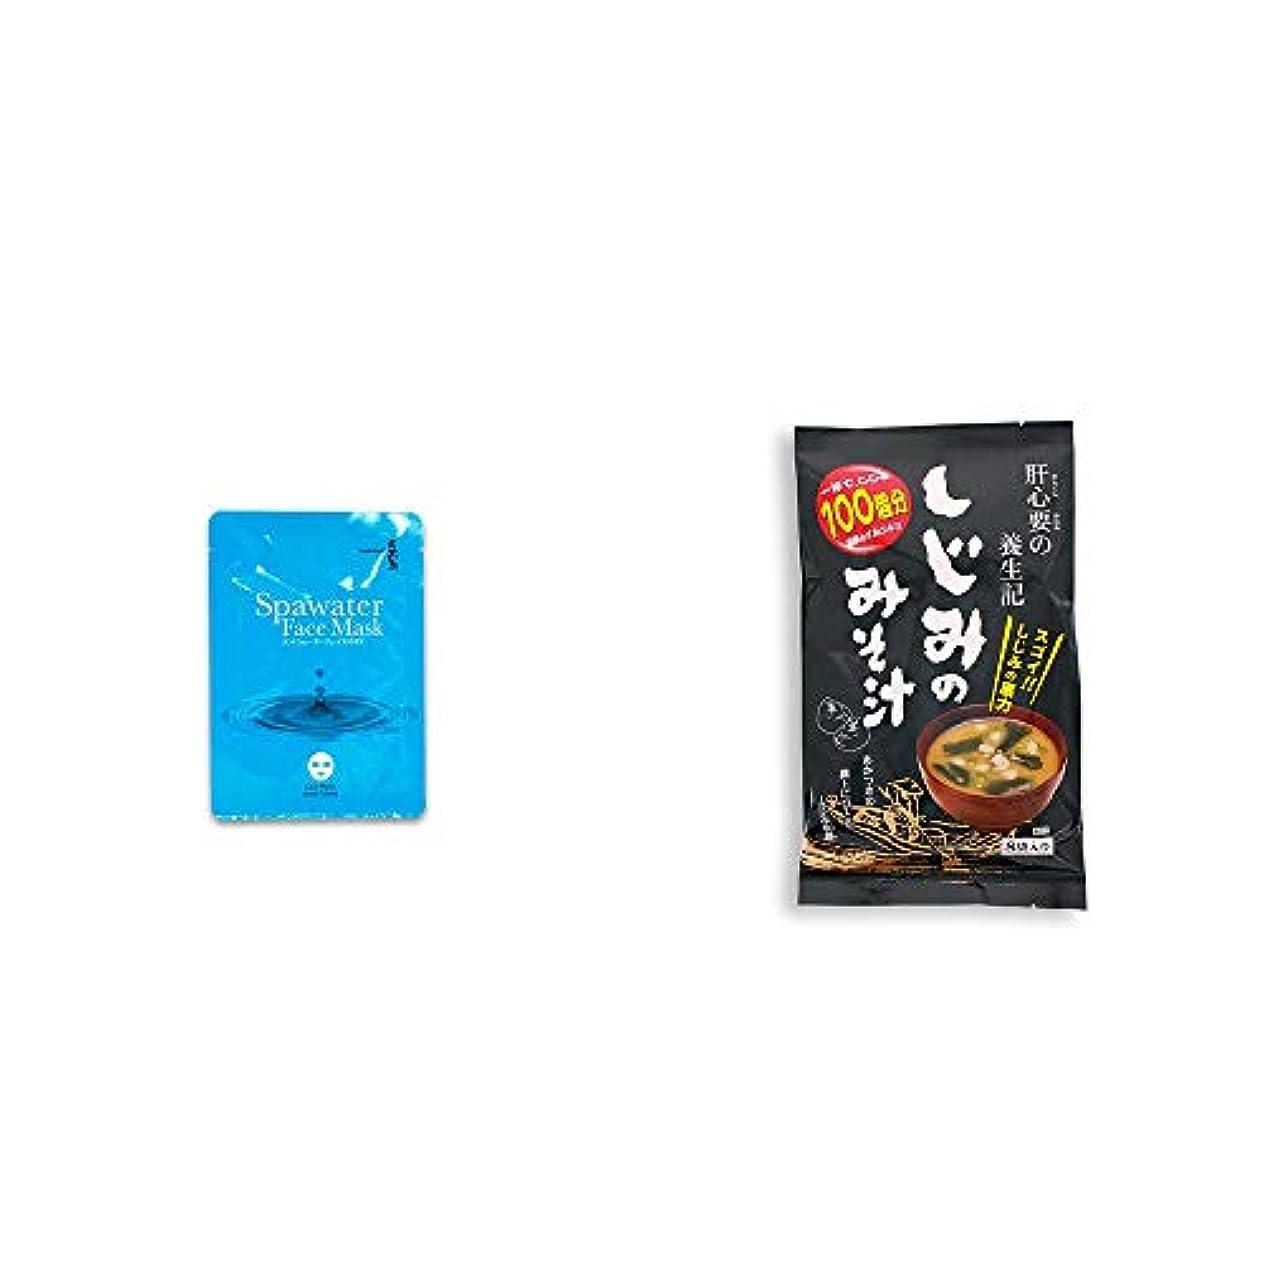 温度本物のシール[2点セット] ひのき炭黒泉 スパウォーターフェイスマスク(18ml×3枚入)?肝心要の養生記 しじみのみそ汁(56g(7g×8袋))